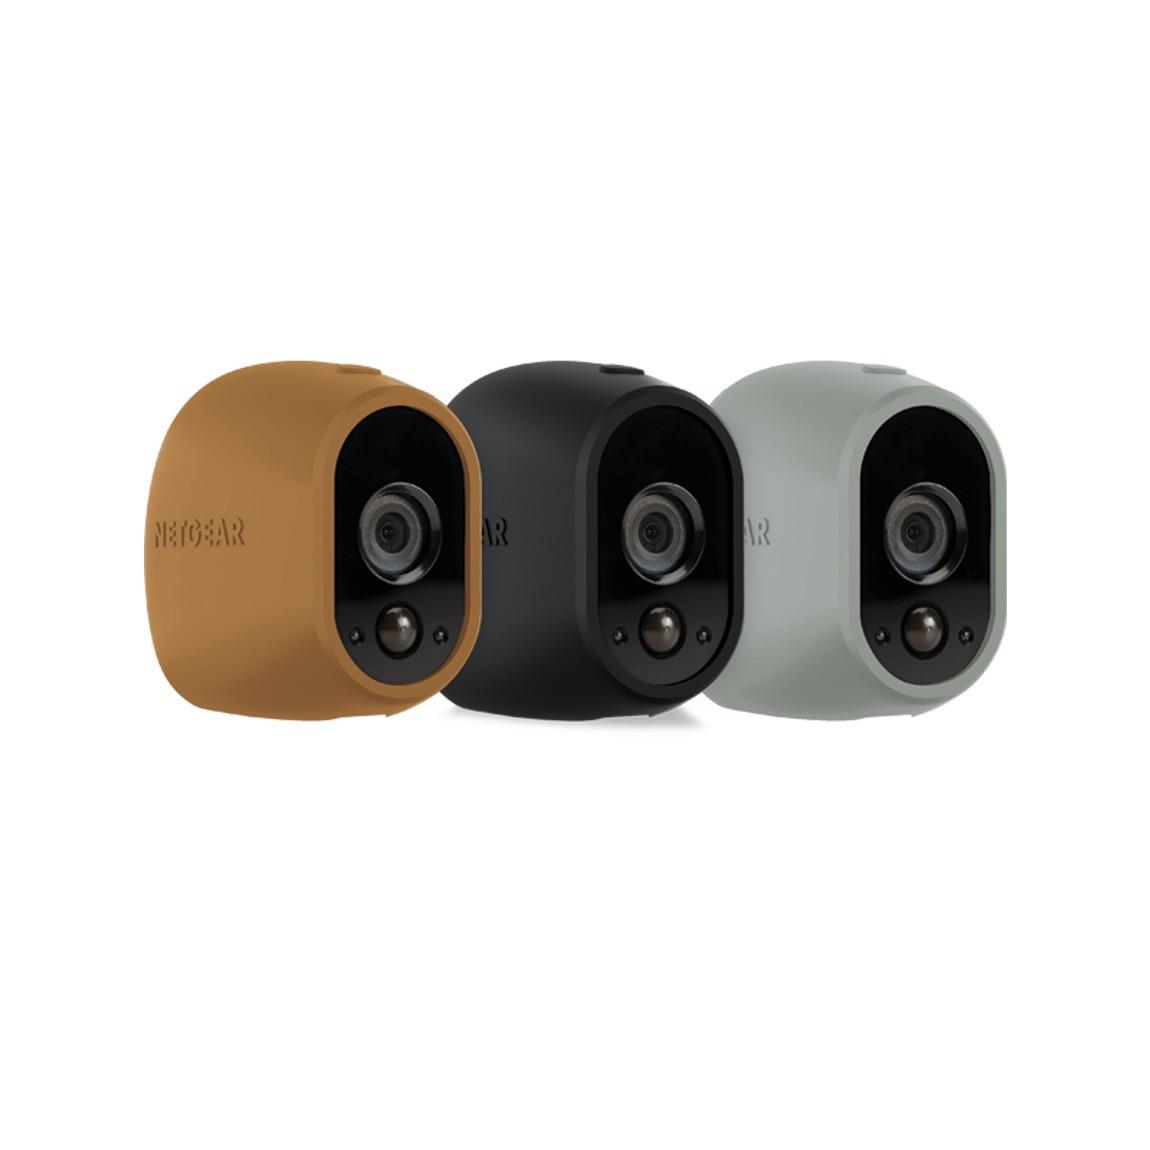 NETGEAR Arlo austauschbare Silikonbezüge - 3er-Set (VMA1200) - Brown Black Grey